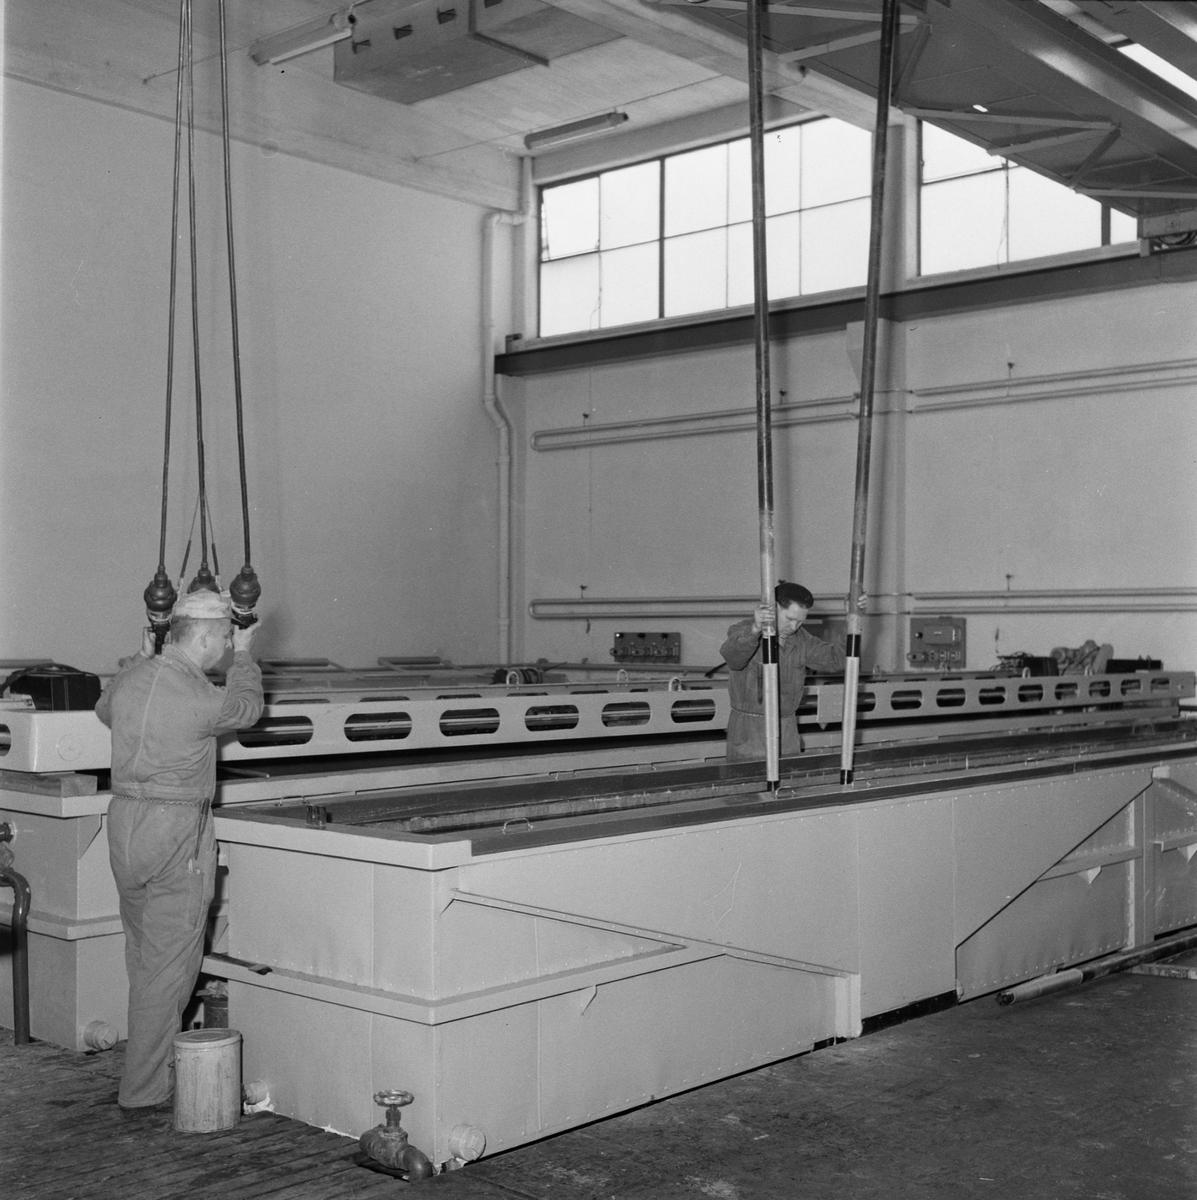 Övrigt: Fotodatum:1/6 1958 Byggnader och Kranar. Närmast identisk bild: V16034, ej skannad. Ytbehandlingsverkstan interiör pågående arbete